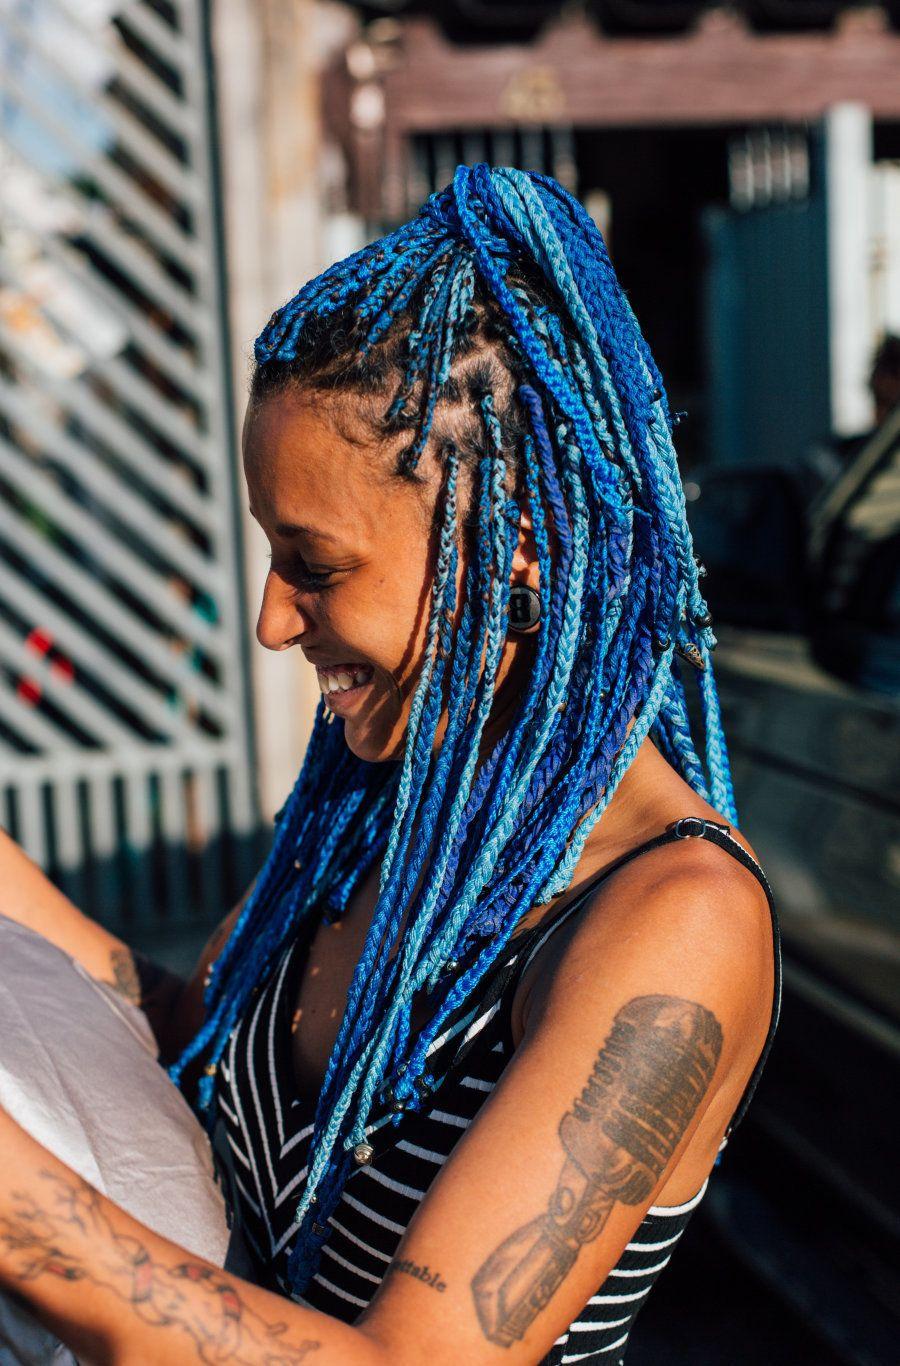 Em seu rap, Luana Hansen canta sobre sua identidade como mulher negra, periférica e